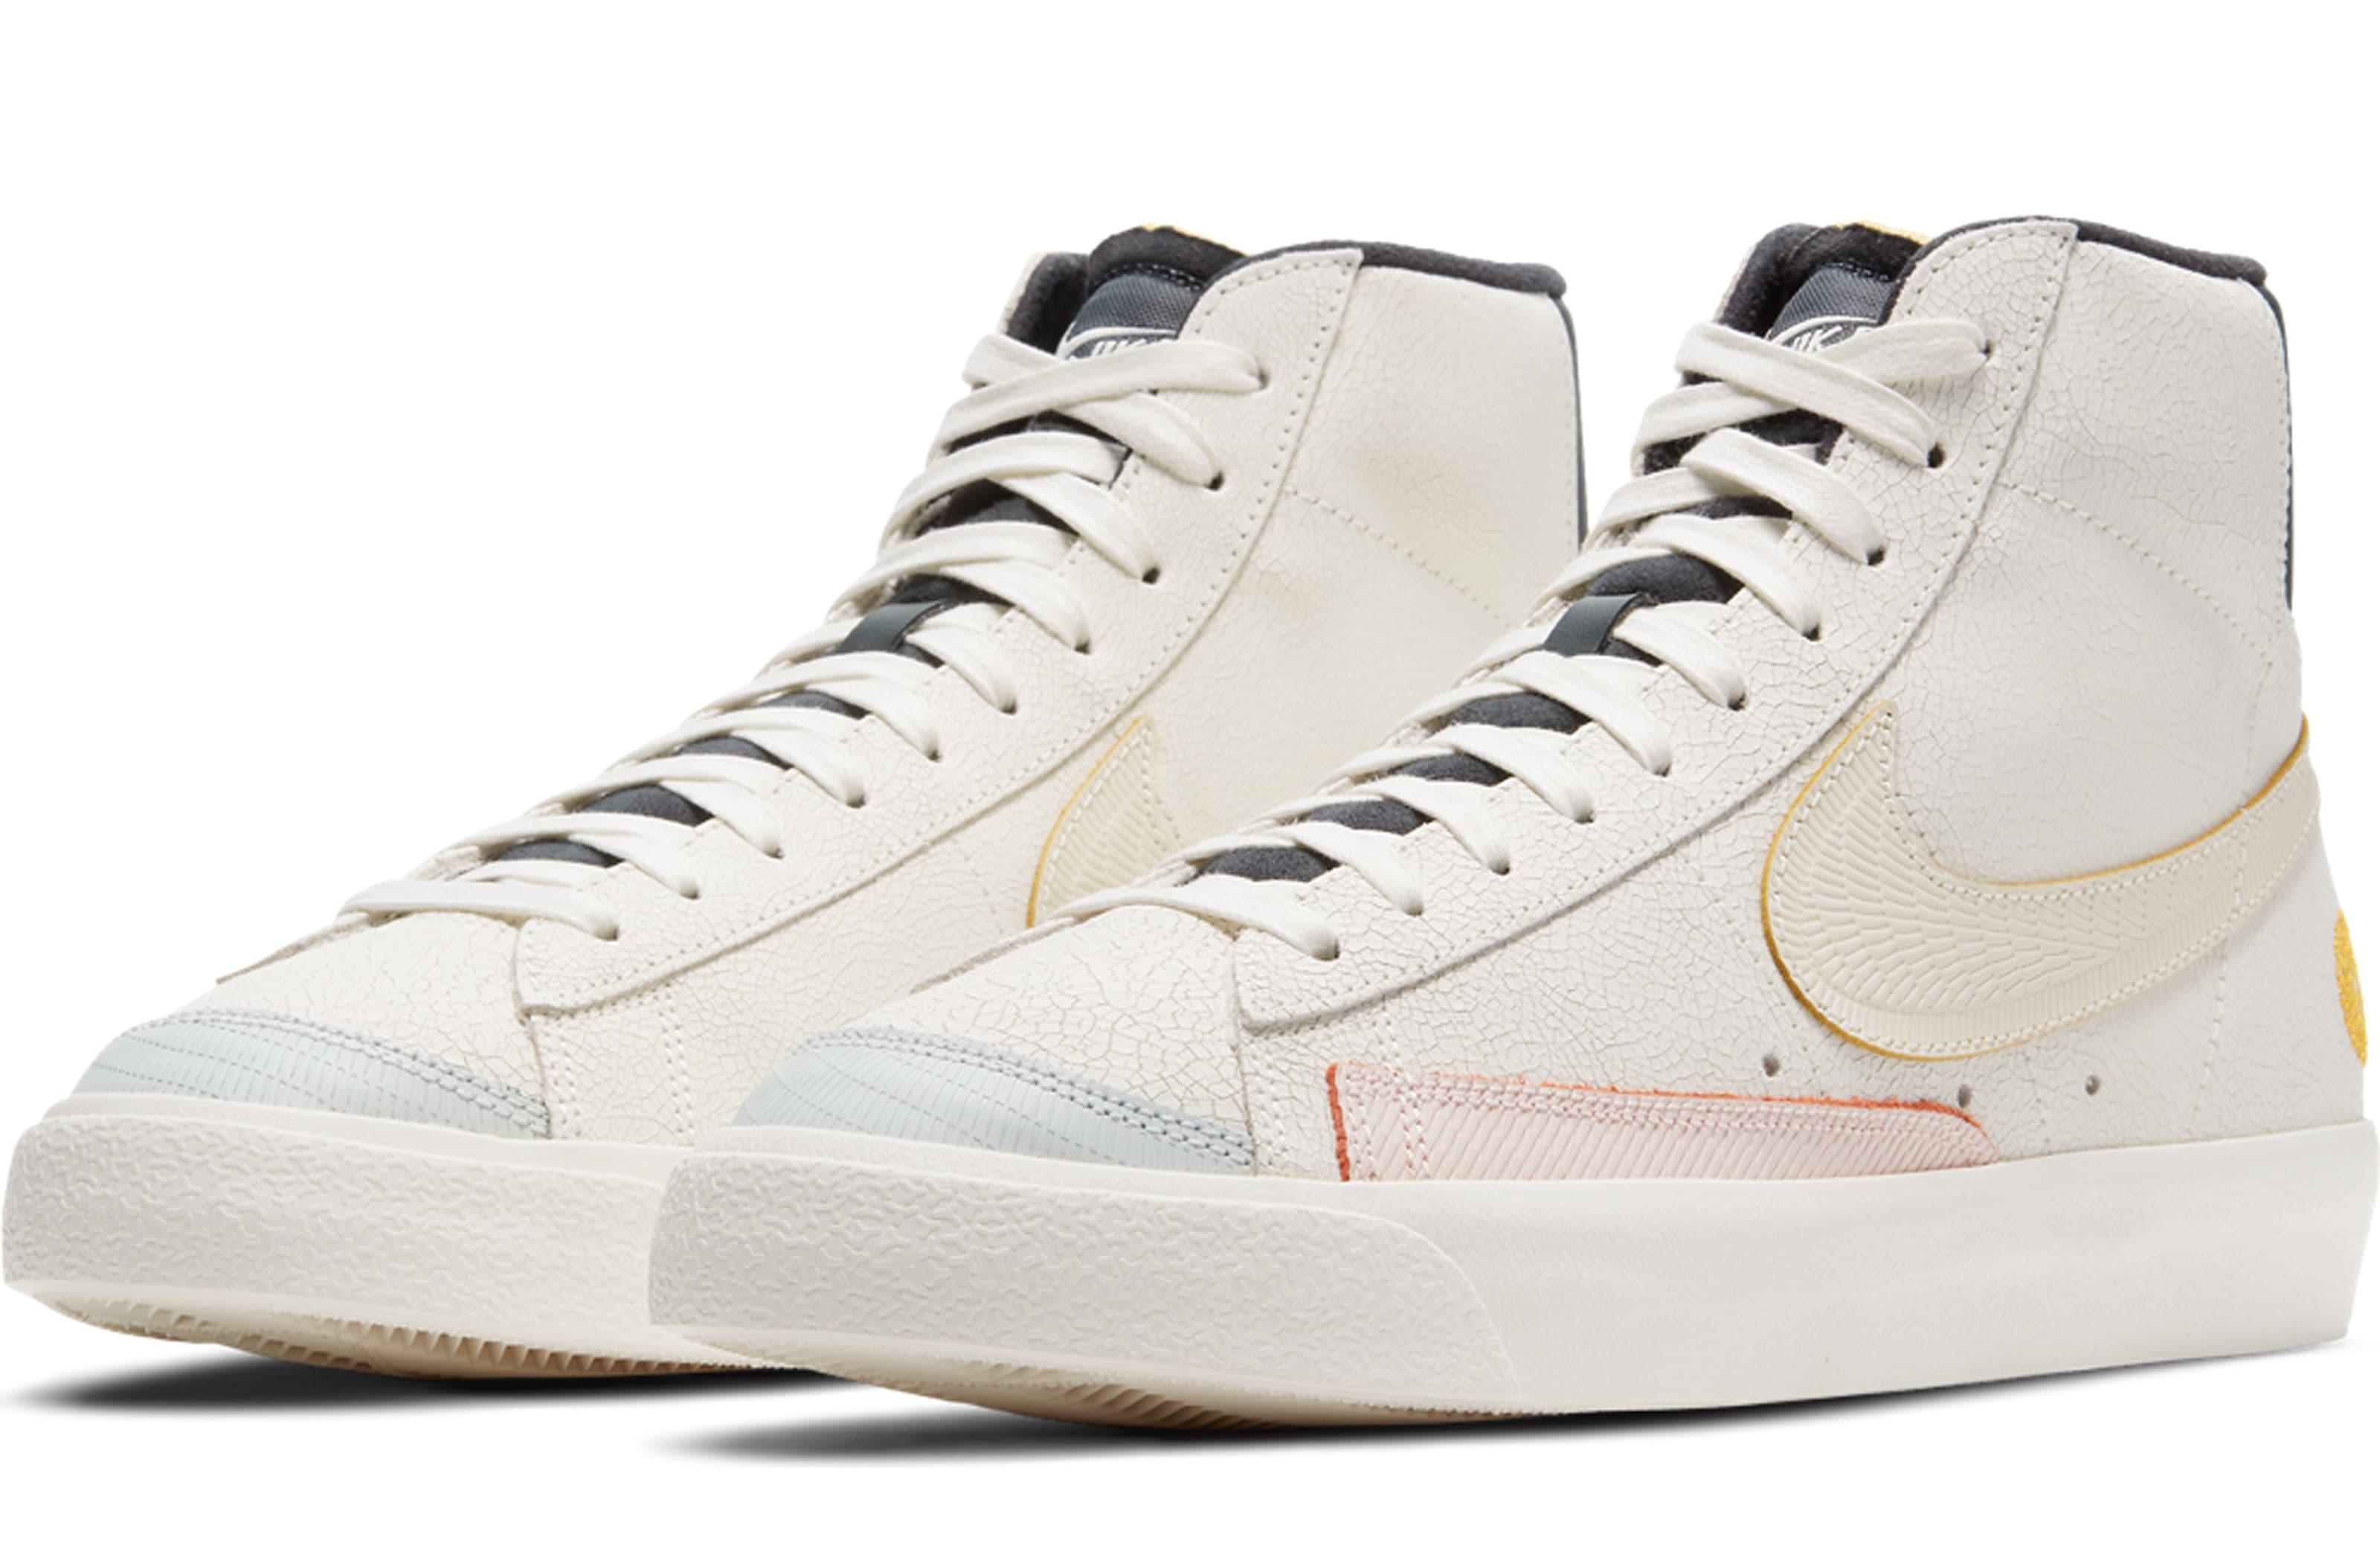 Nike Blazer Mid 'Día de Muertos' 2020 (Pair)